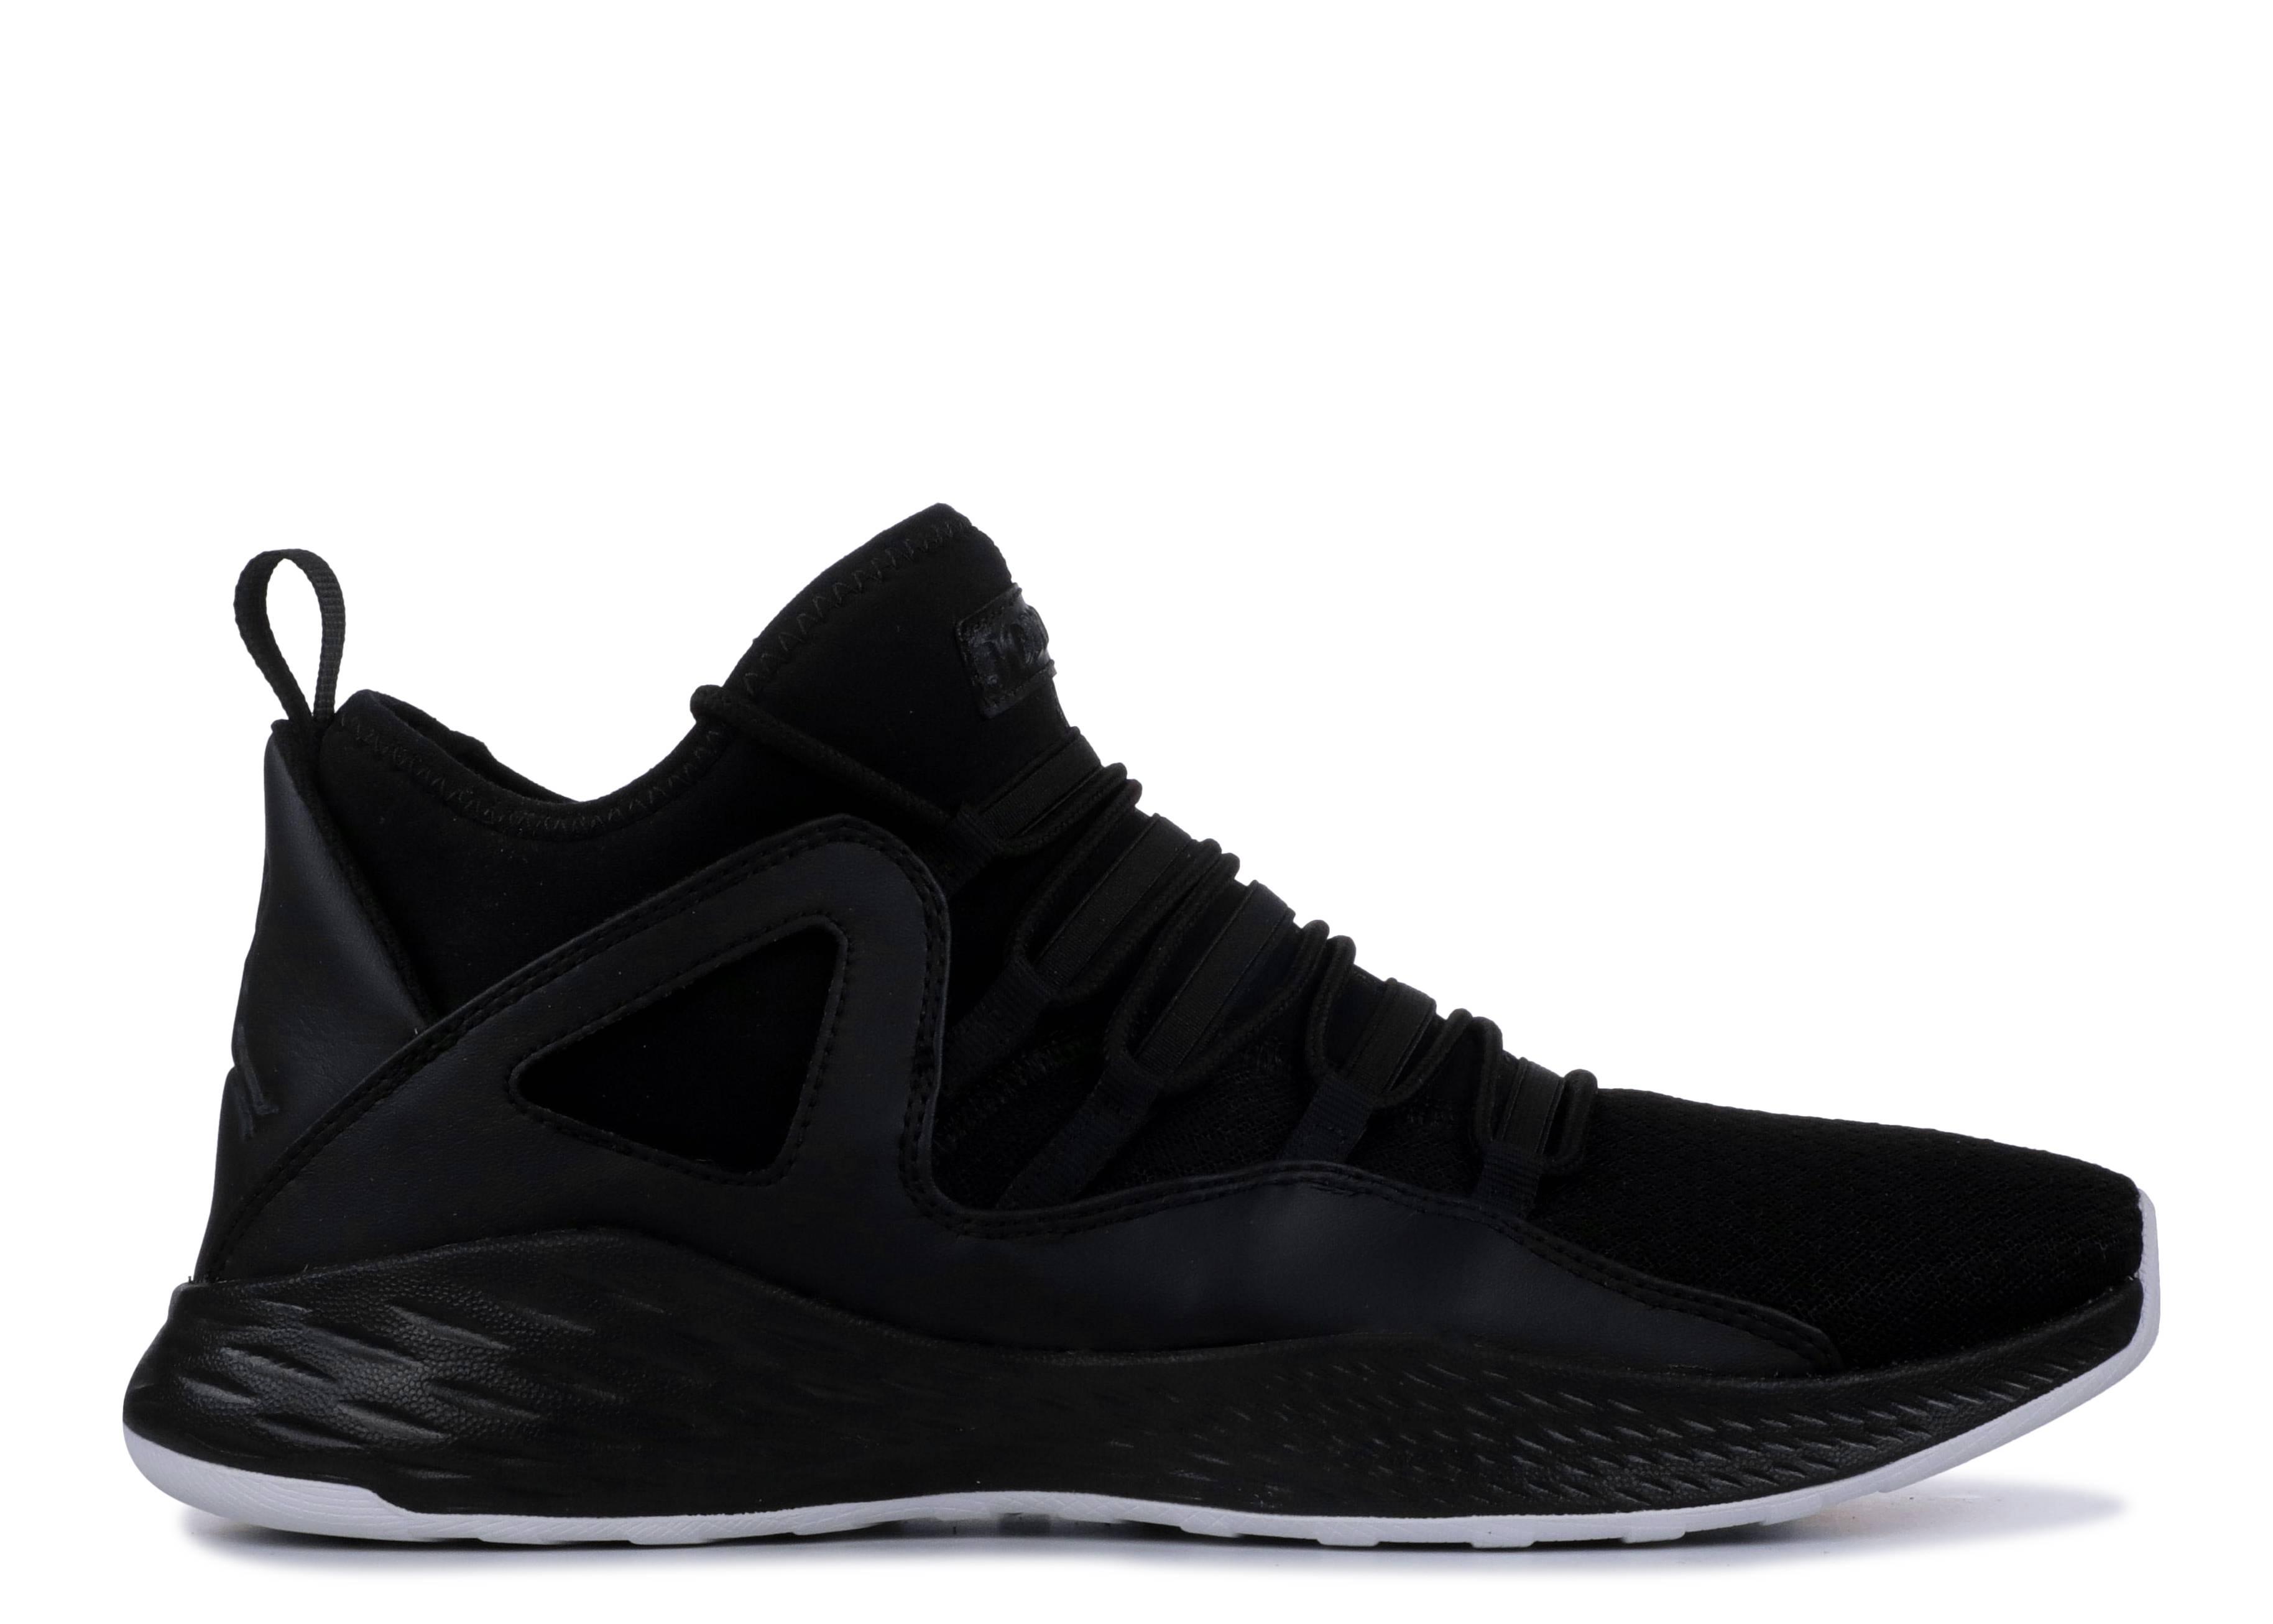 3c170c2e17c125 Jordan Formula 23 - Air Jordan - 881465 010 - black black white ...